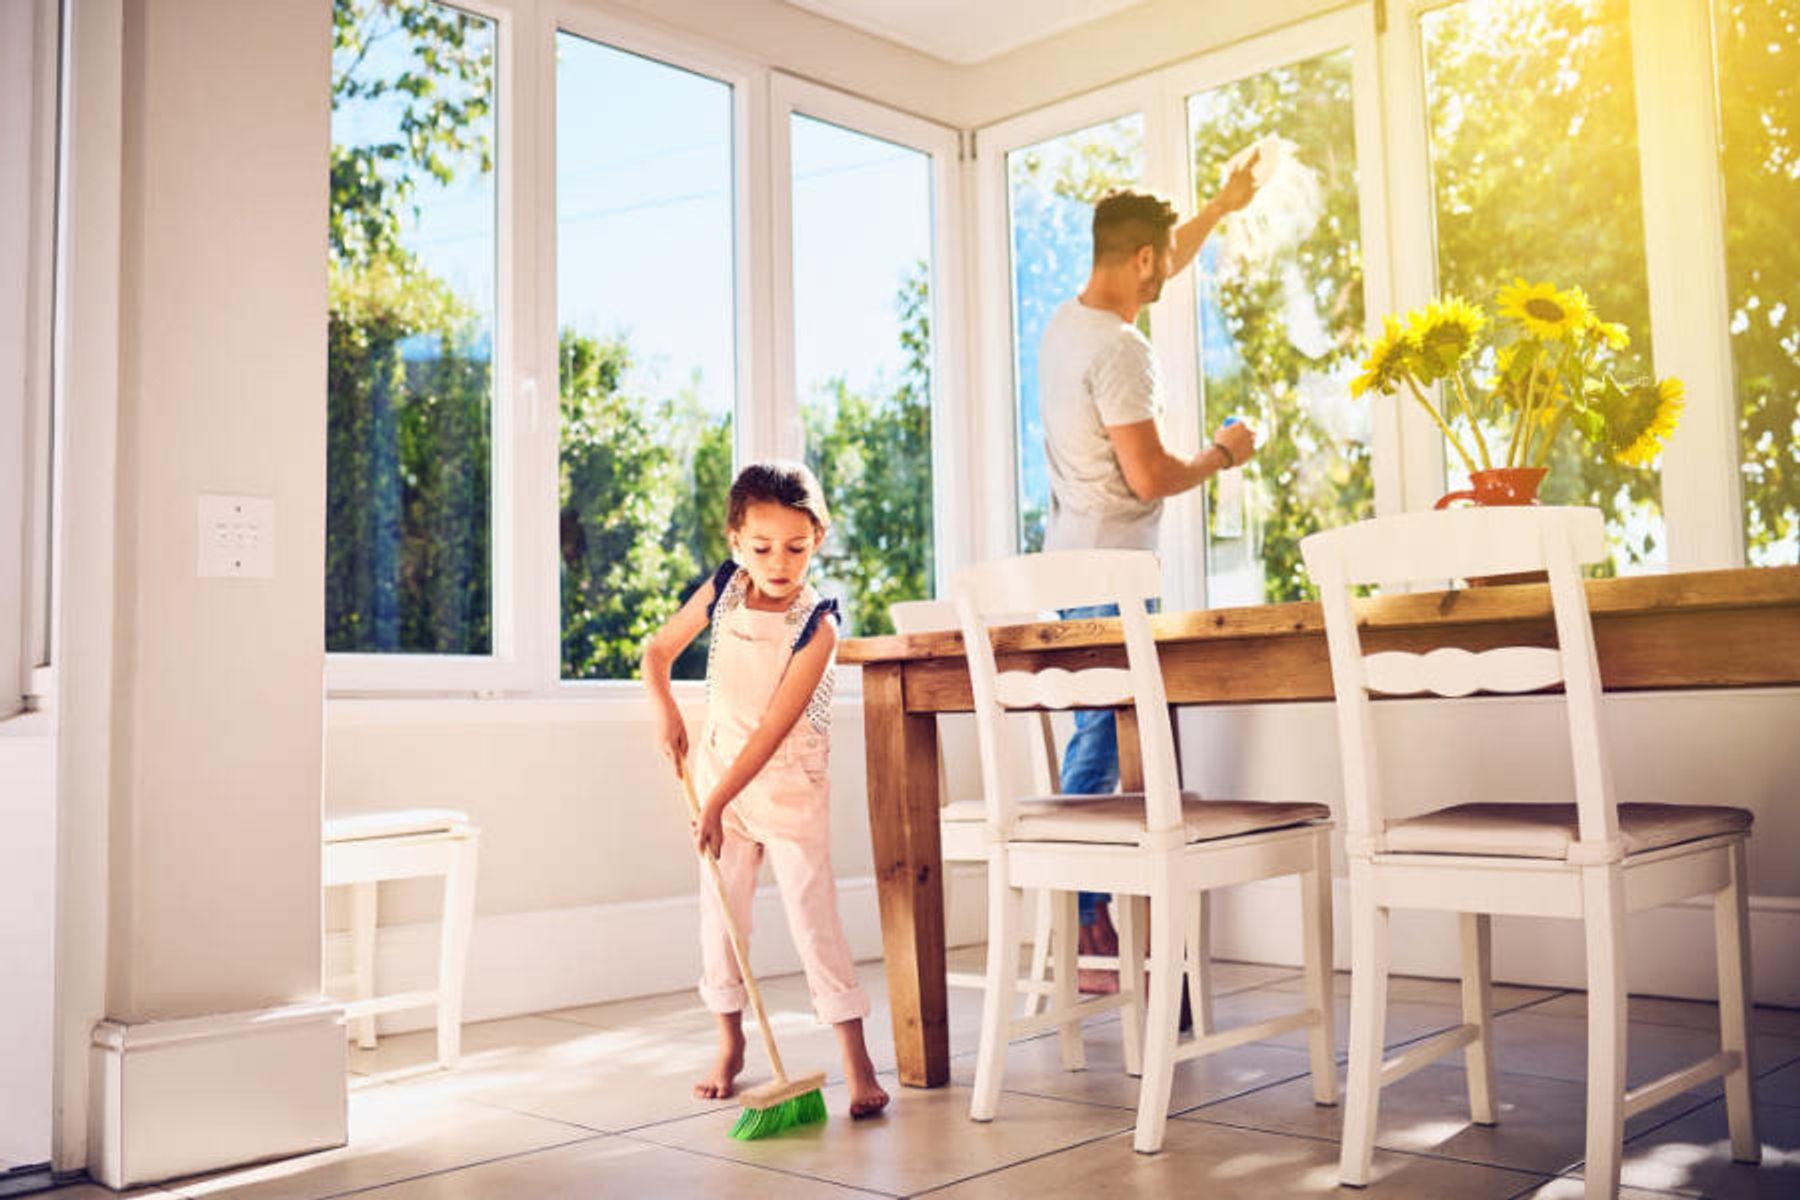 Step 6: Ev temizliği nasıl yapılır